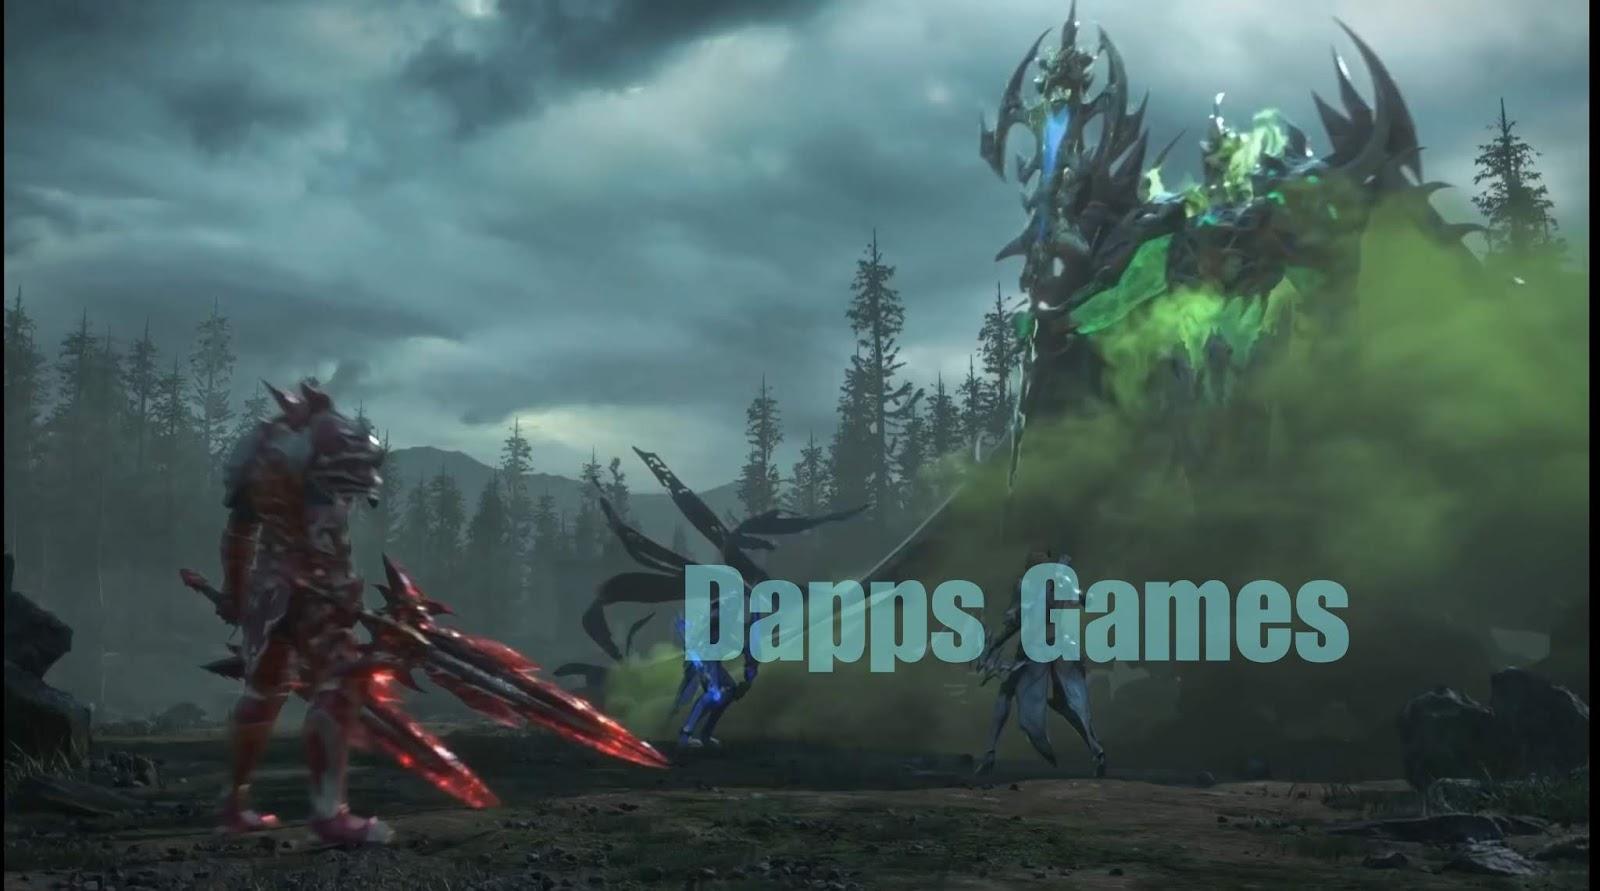 Dapps eos masih unggul dalam kategori game, perkembangan dapps, dappradar ranking,